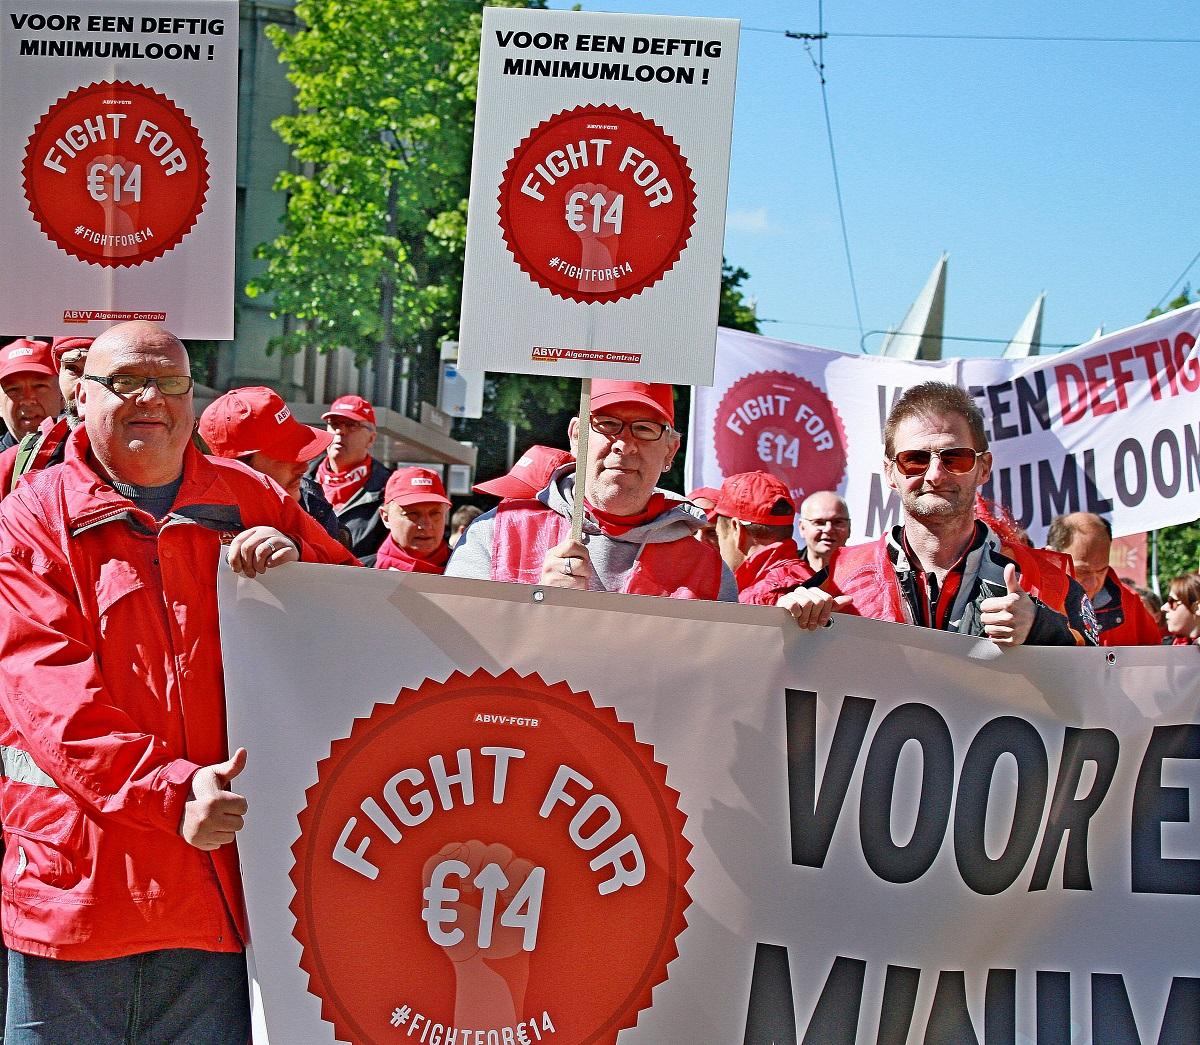 Fight for €14: van propaganda naar overwinningen